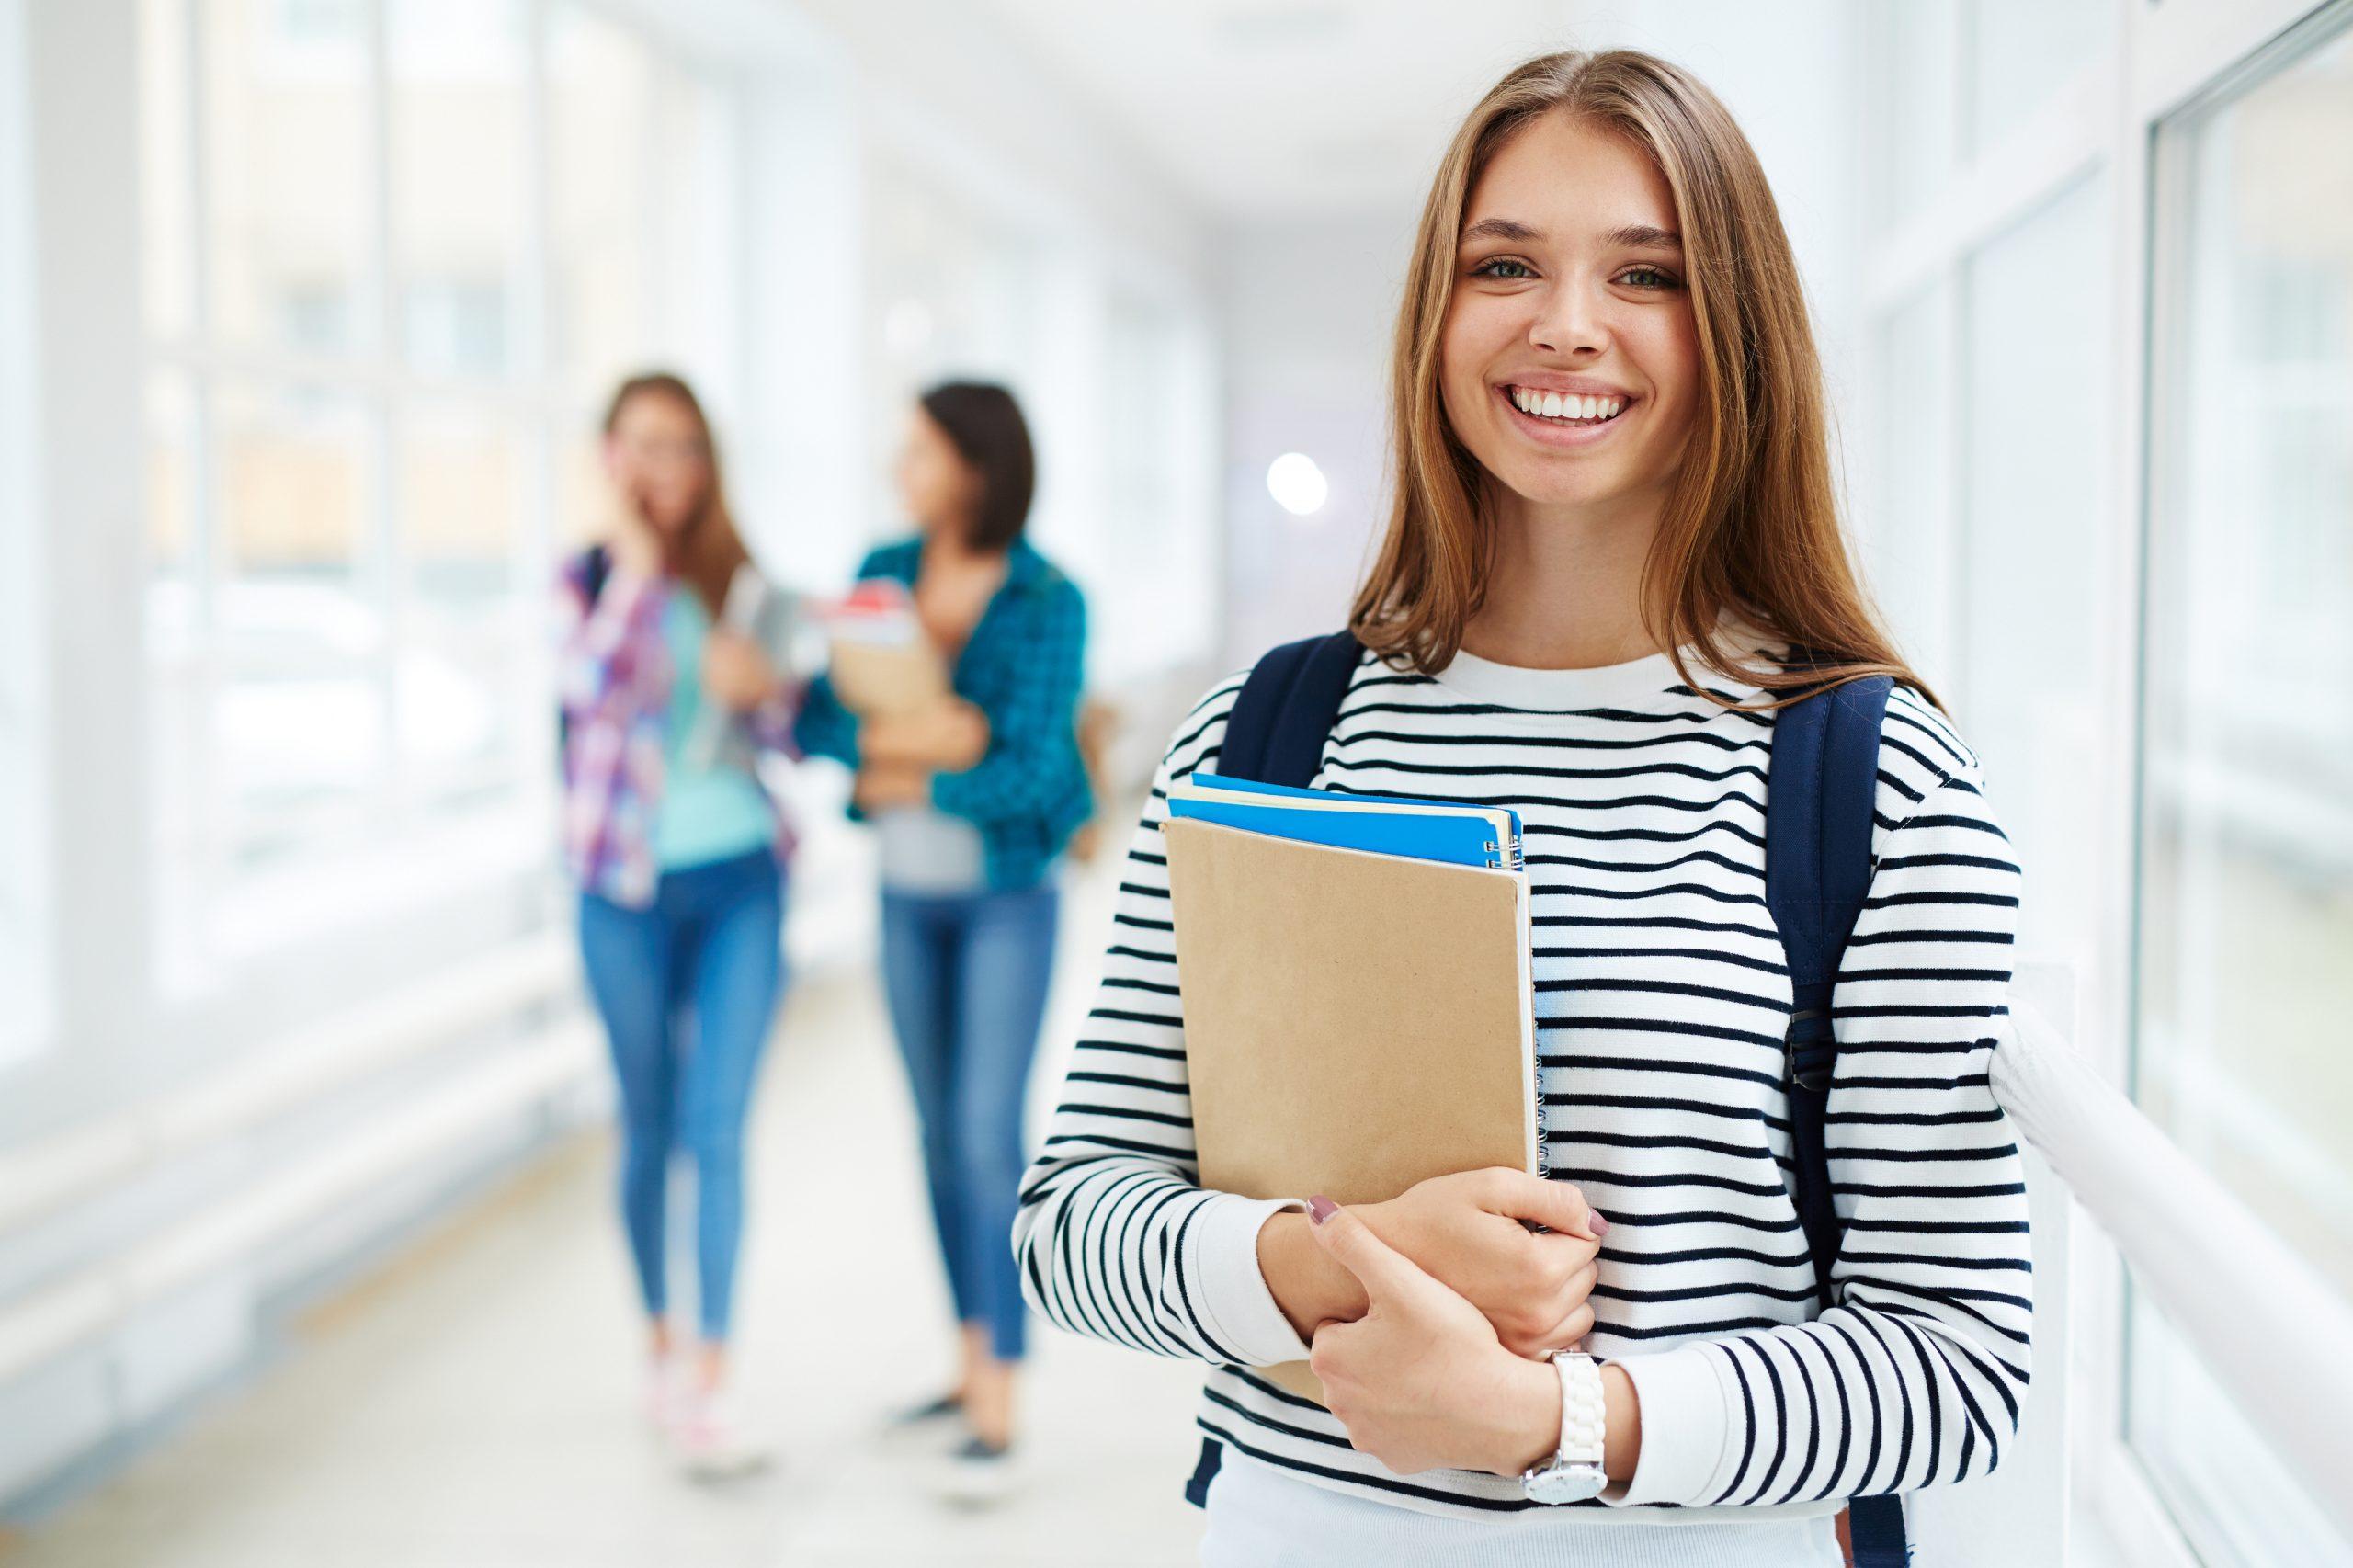 Более 2 тыс. льготных кредитов на обучение получили от Сбербанка студенты Москвы